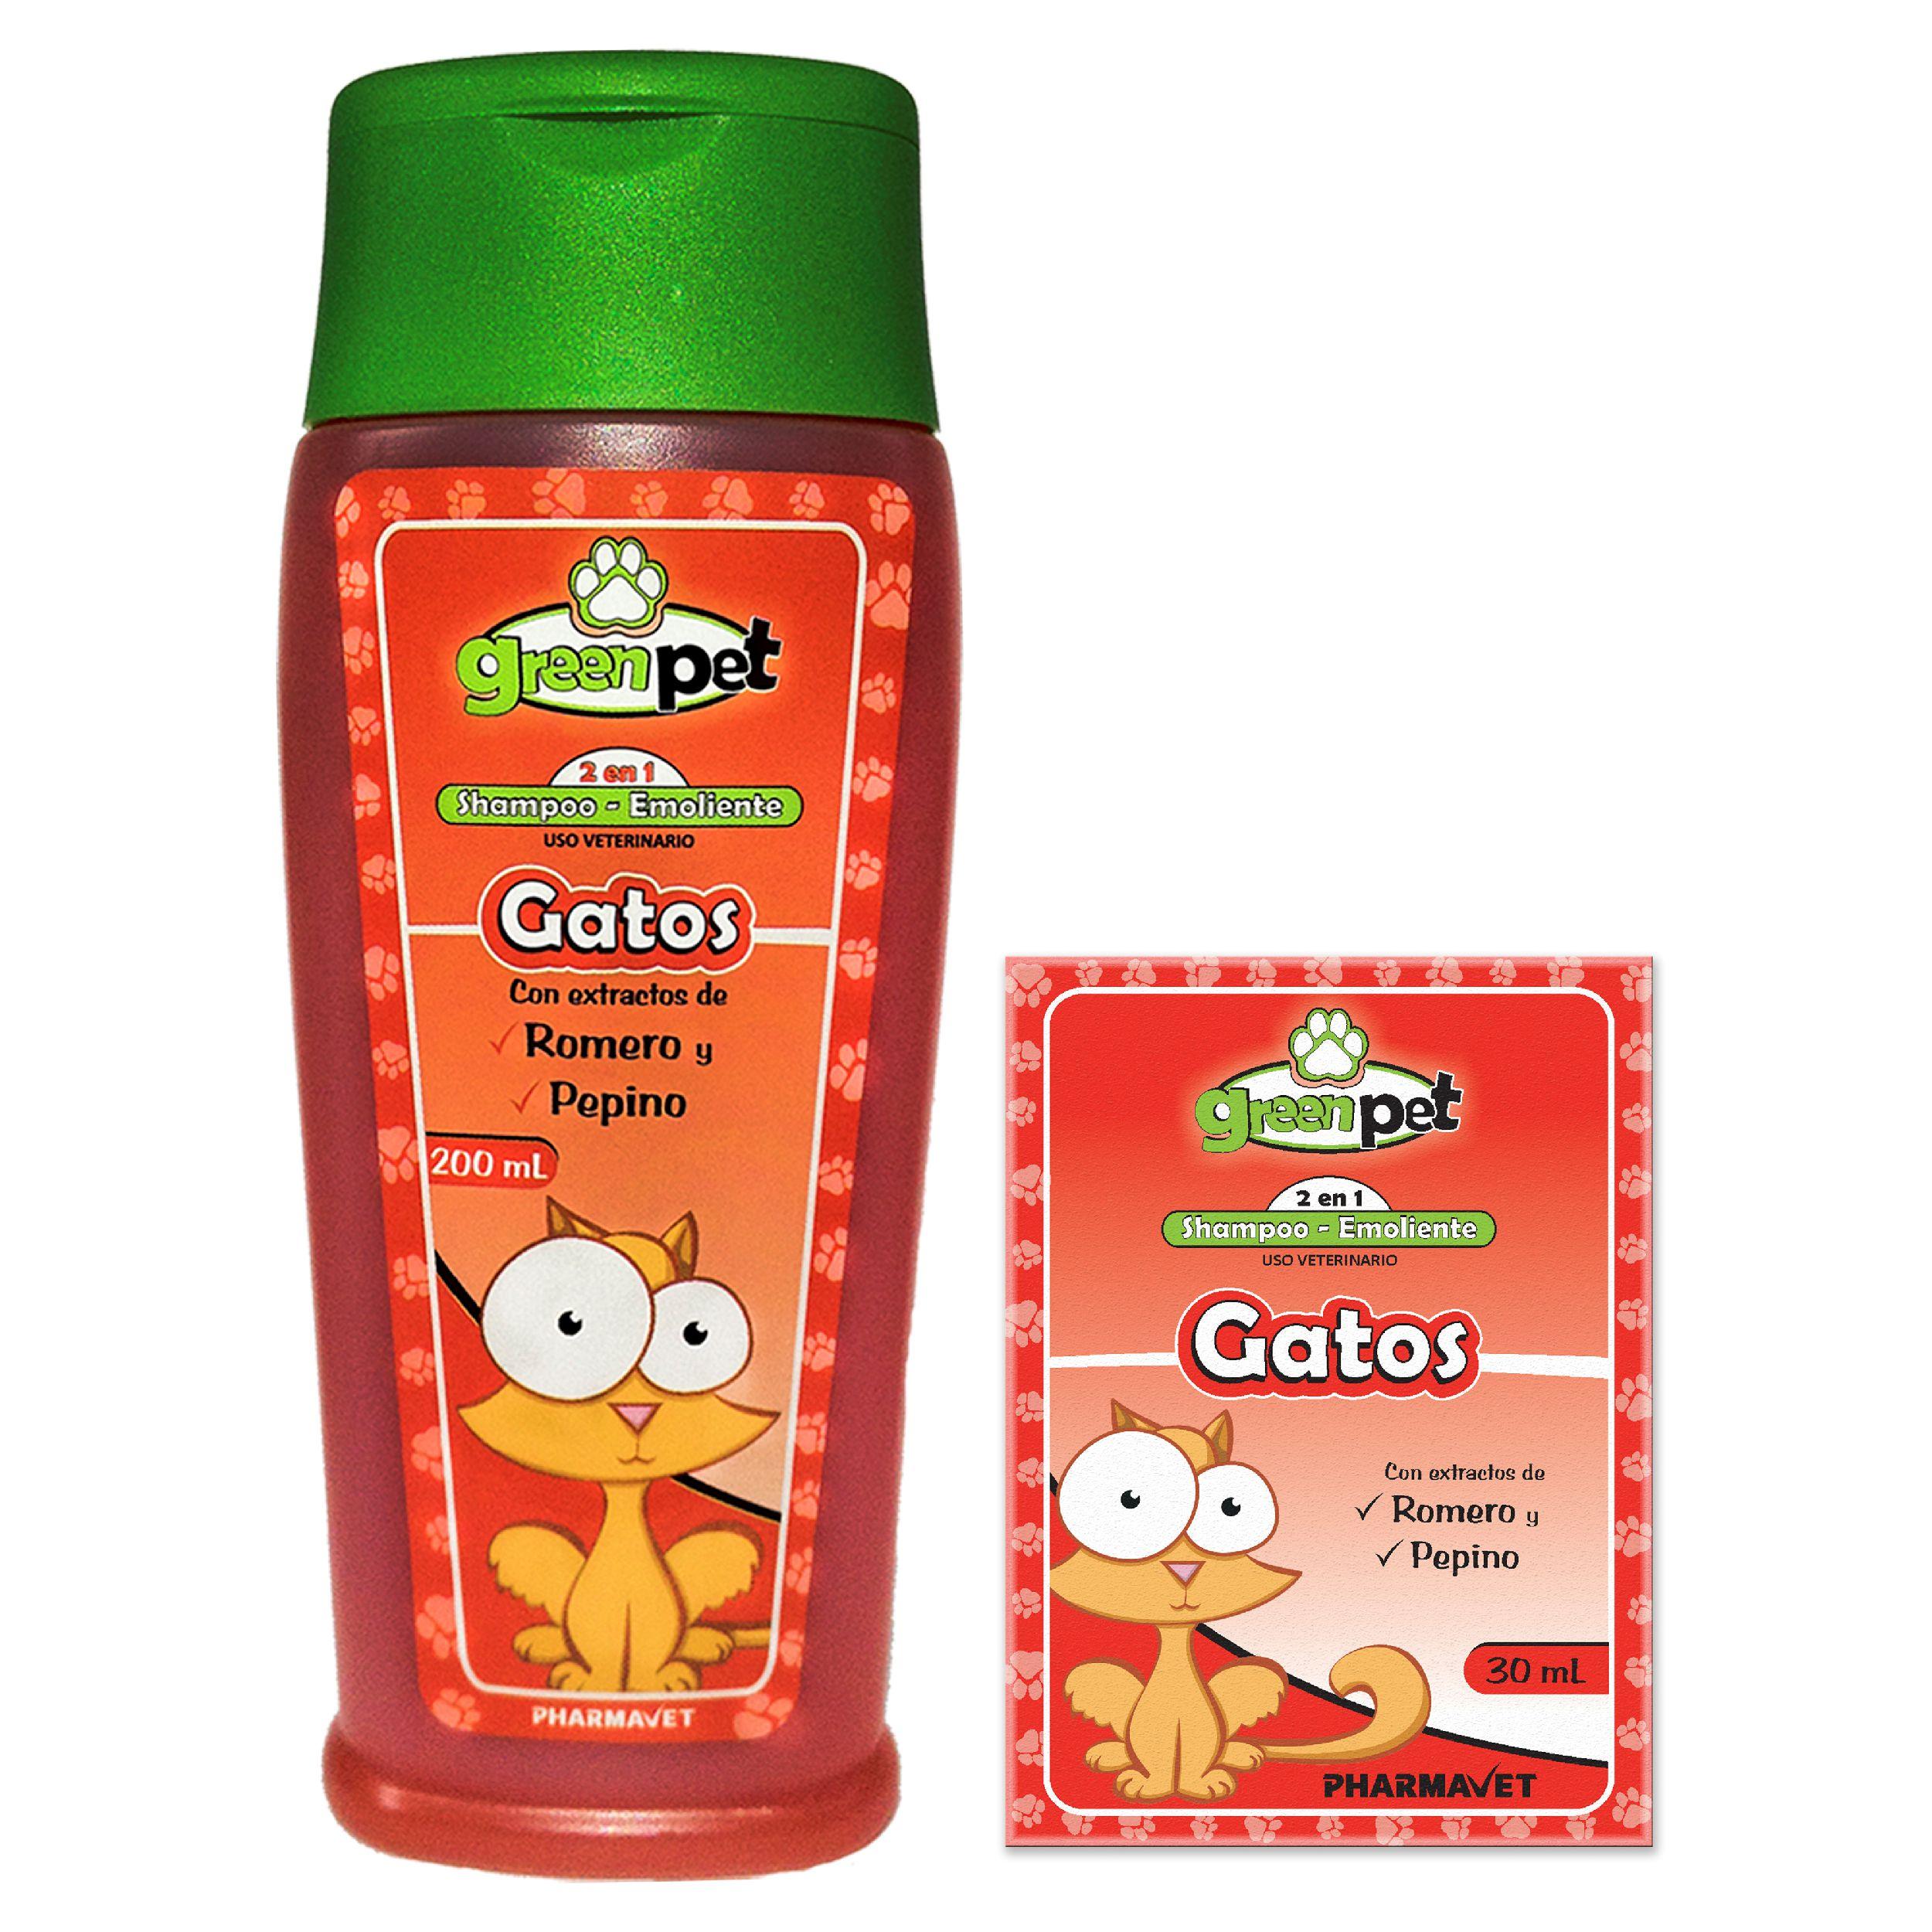 Shampoo Gatos.jpg